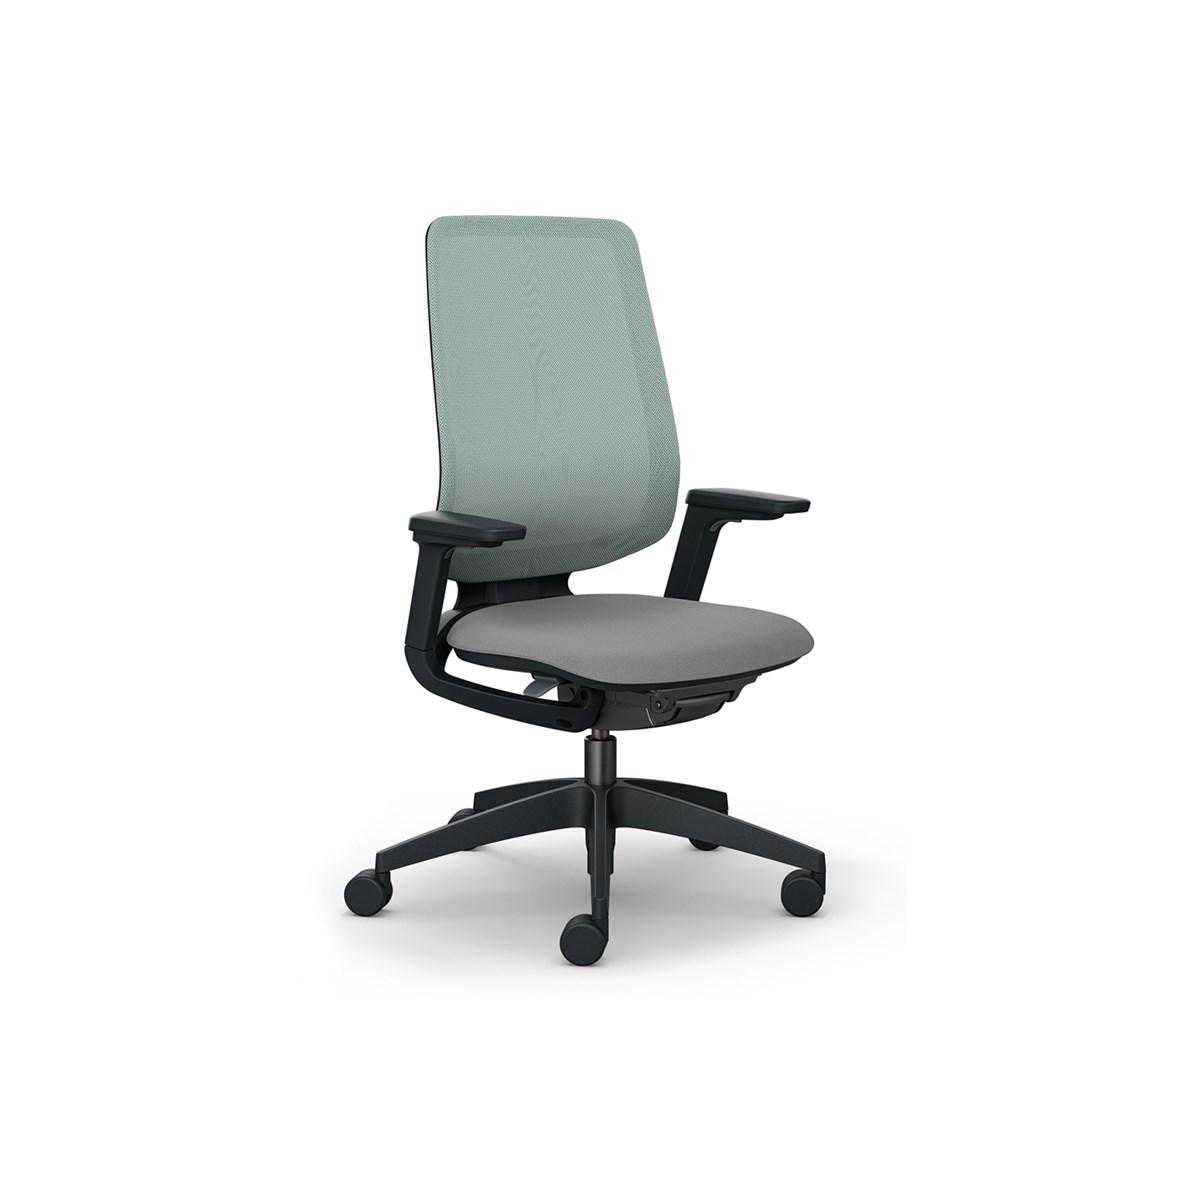 Sedus-Se:flex-Task-Chair-Matisse-1 (1)